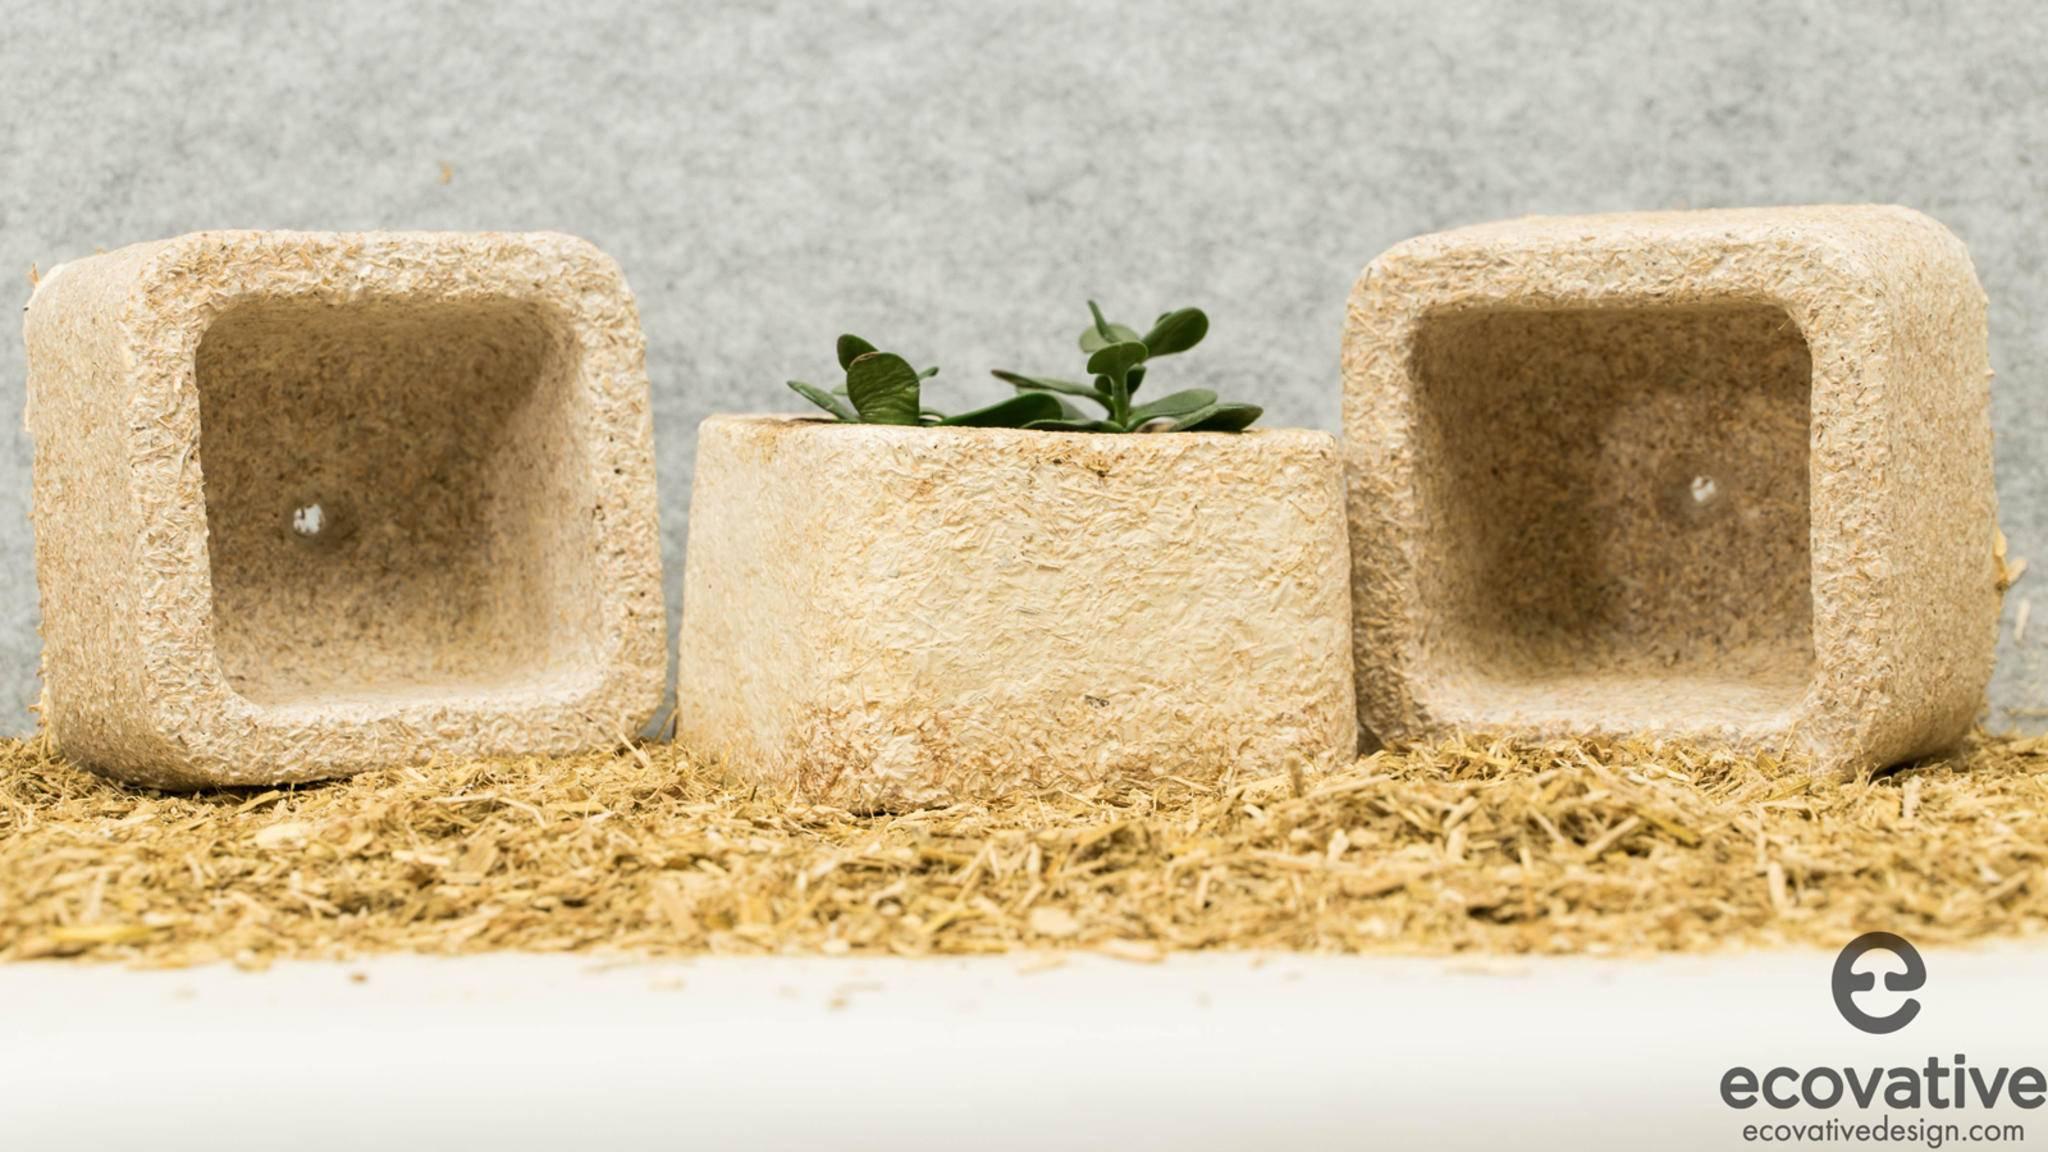 Mit Grow-It-Yourself kann man Gegenstände wortwörtlich wachsen lassen.